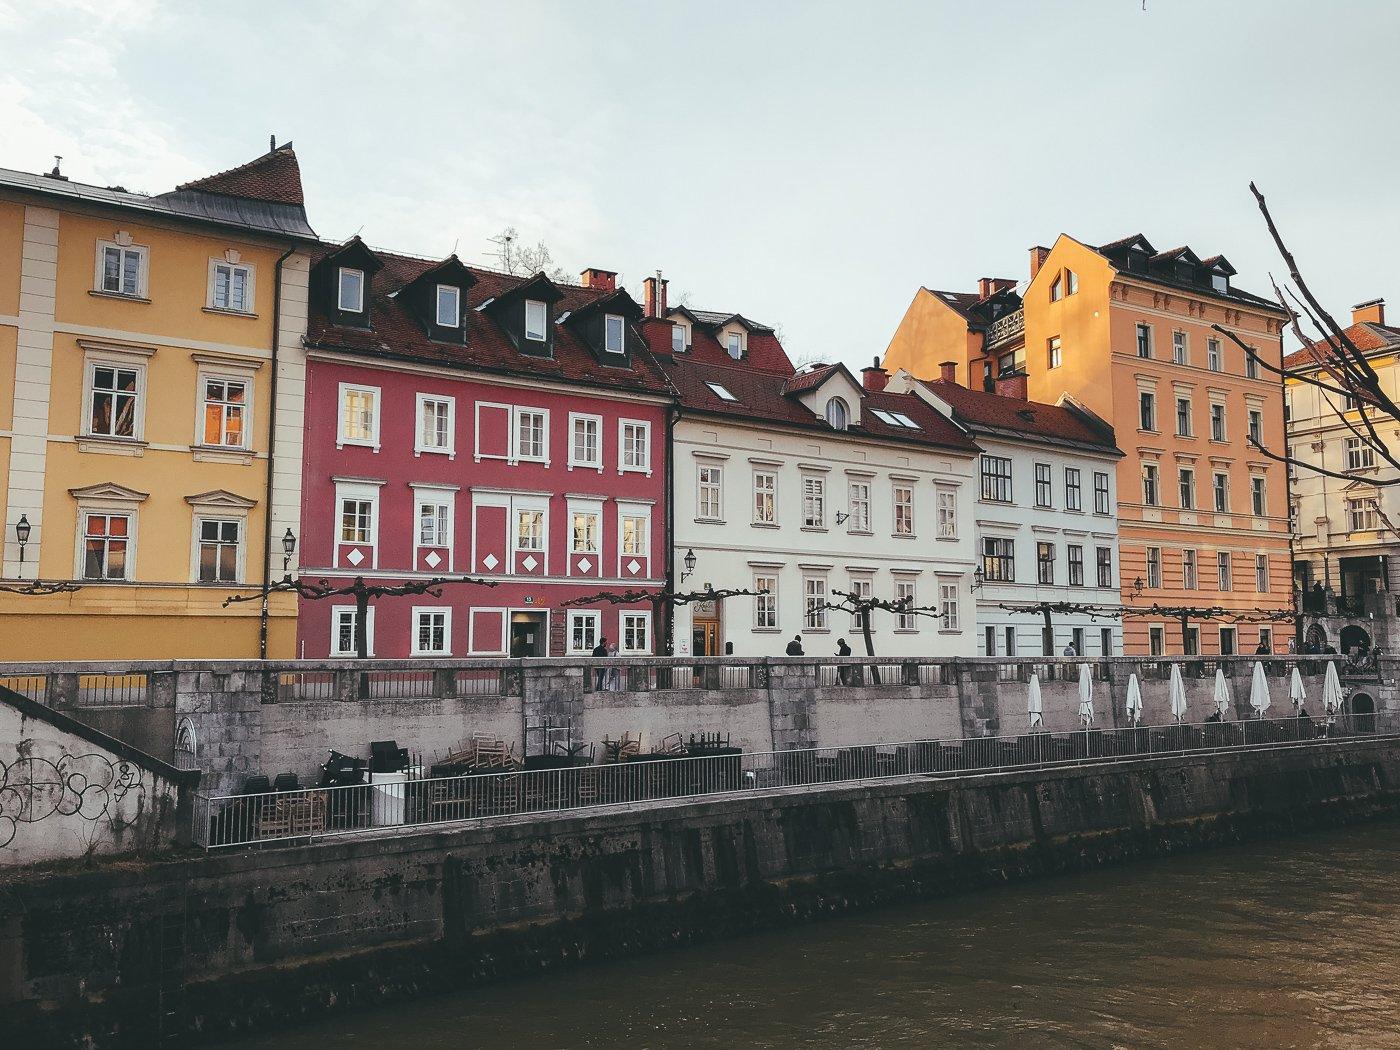 Hier vind je alle tips en bezienswaardigheden voor een stedentrip Ljubljana in Slovenië!